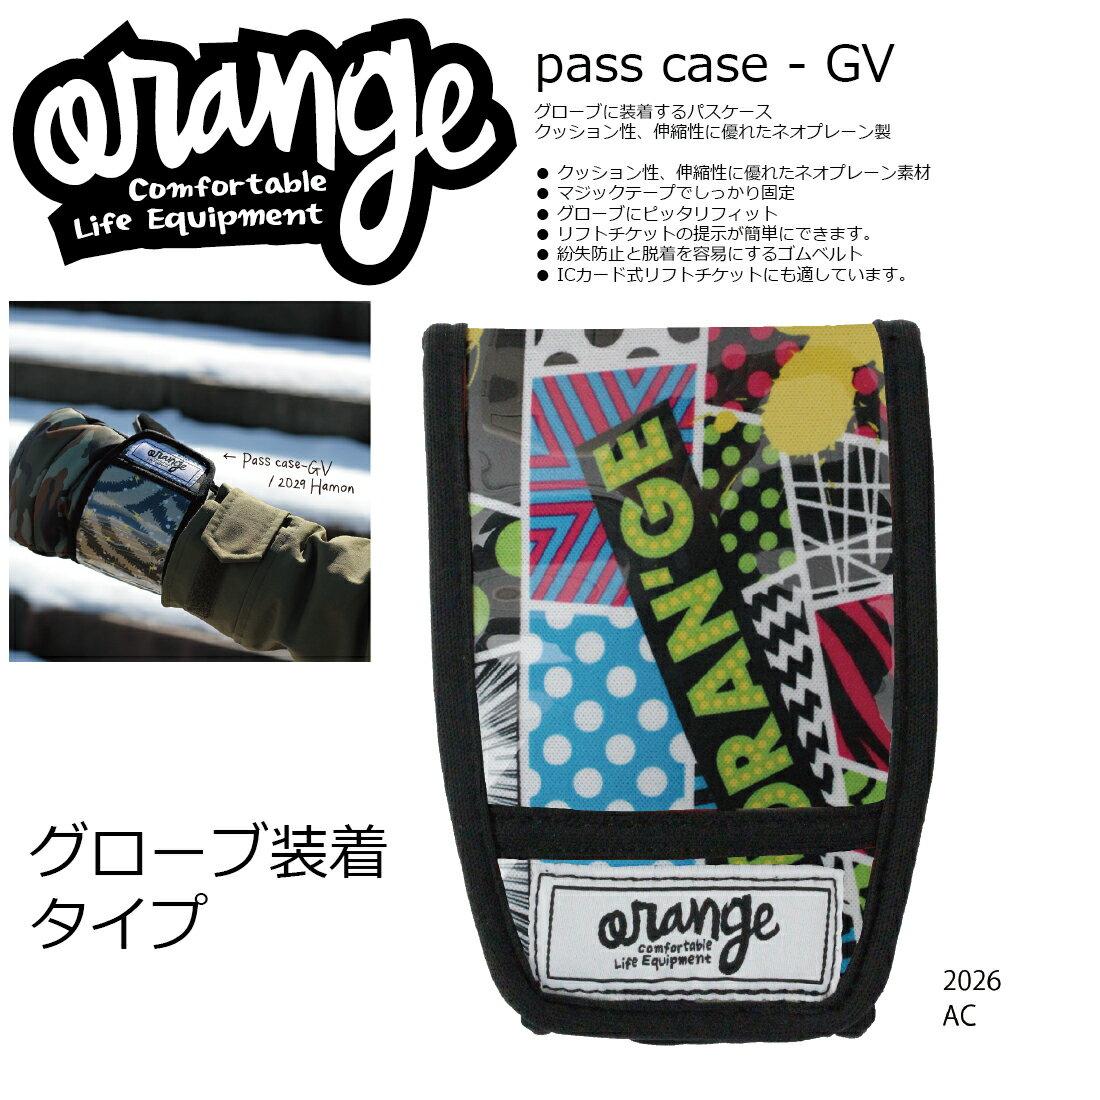 Oran'ge Pass-Case GV 2026 AC オレンジ パスケース ジーワイ グローブ装着タイプ ヨコ 2017 2017-18